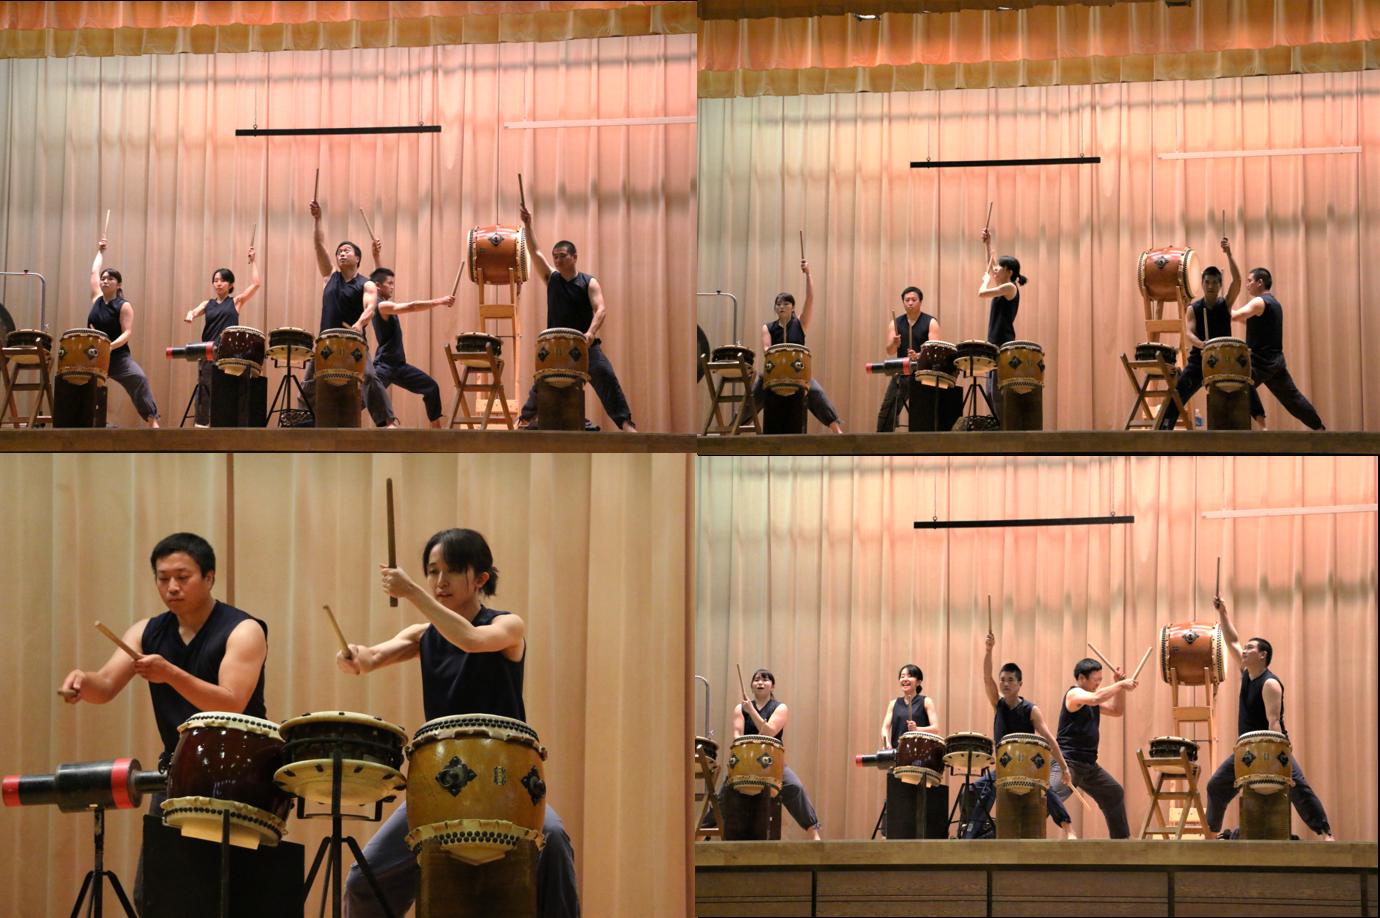 和太鼓演奏、今年はOB・OGの少数精鋭